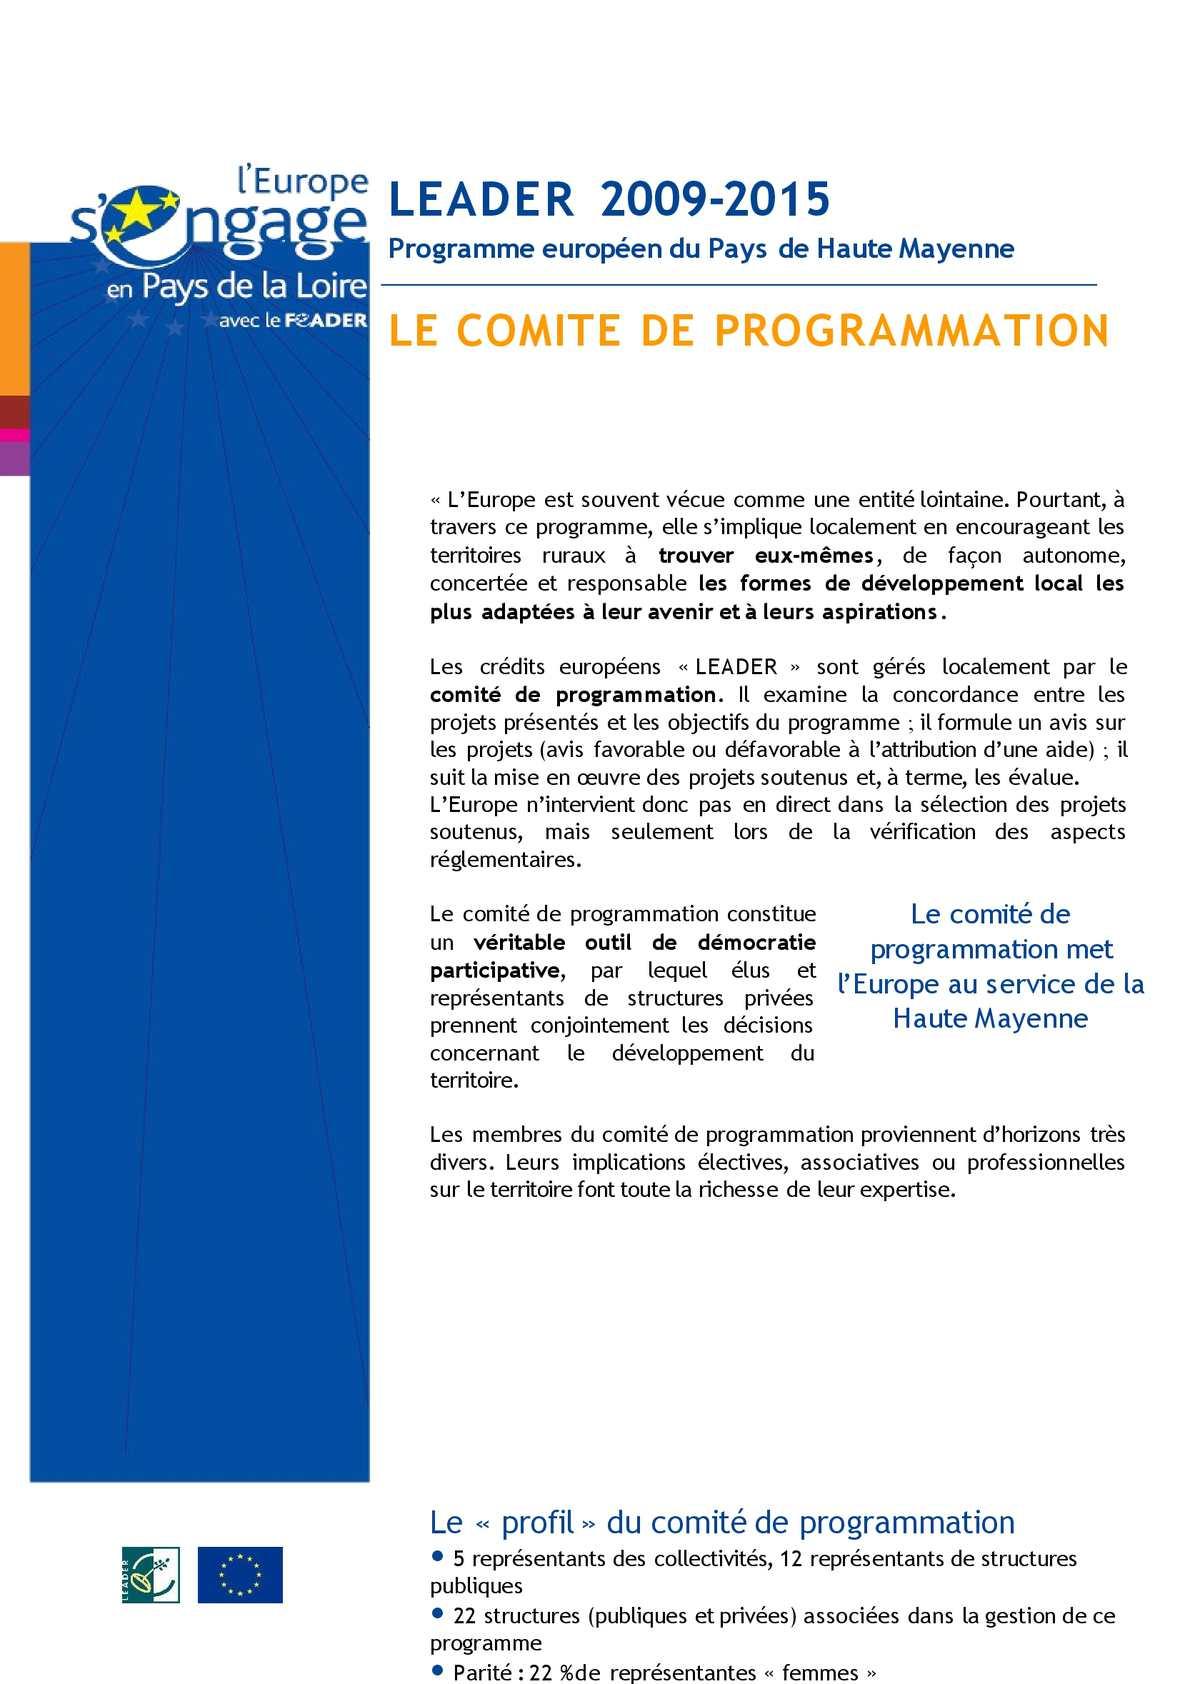 Trombinoscope LEADER - Pays de Haute Mayenne